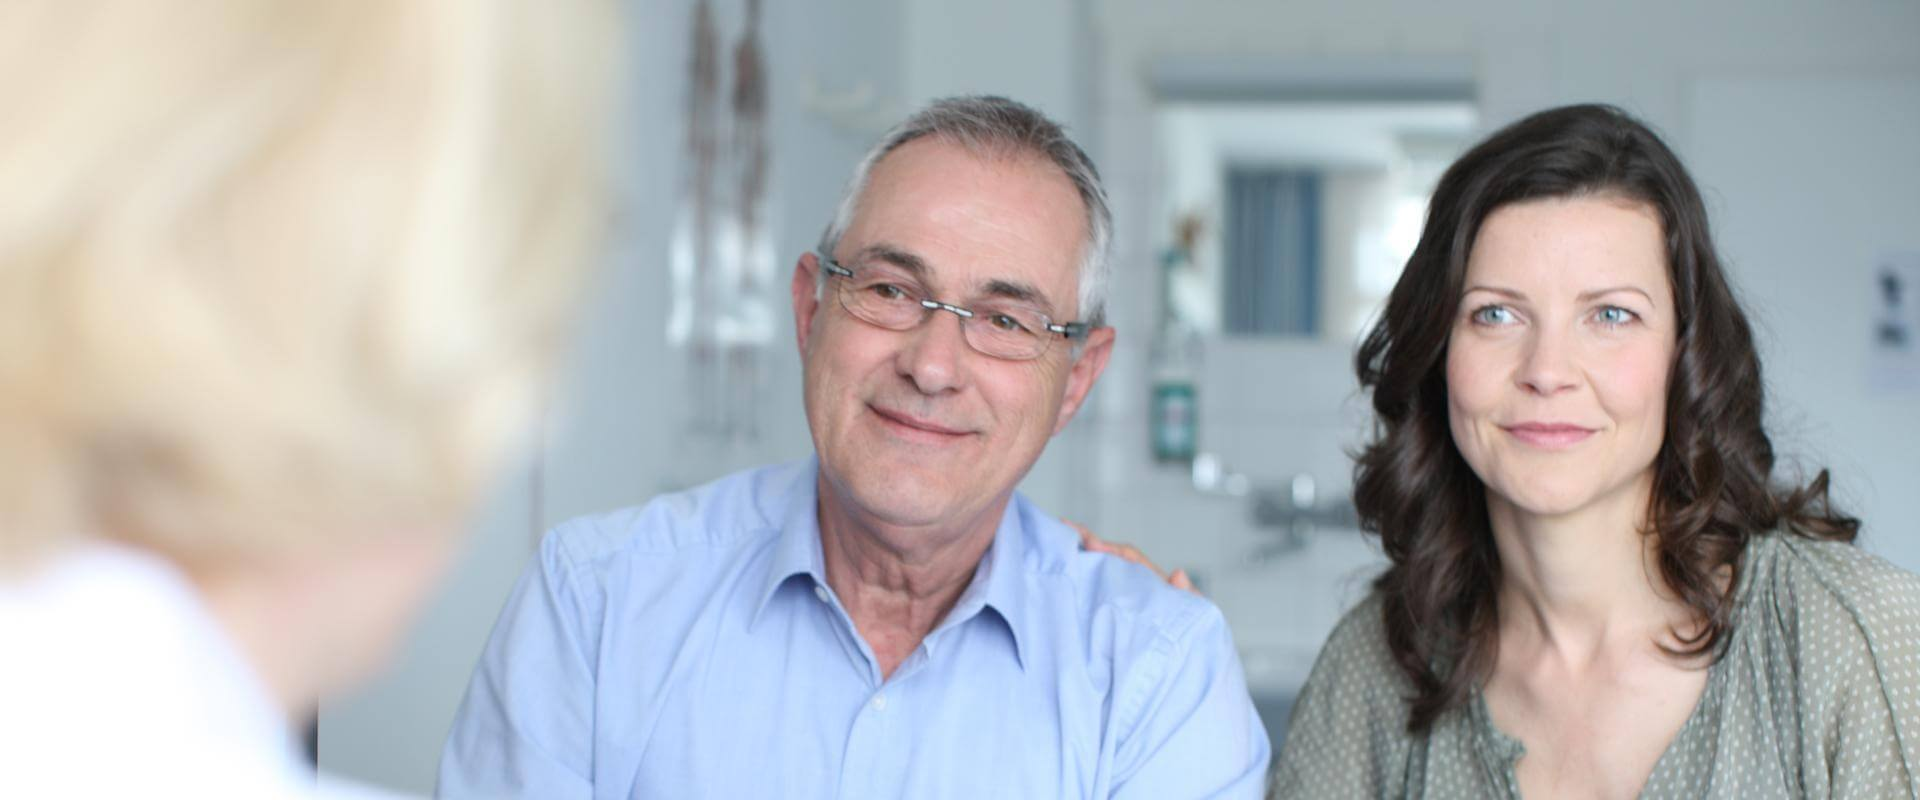 Patienten und Angehörige der MEDIAN Privatklinik Berggarten Deidesheim